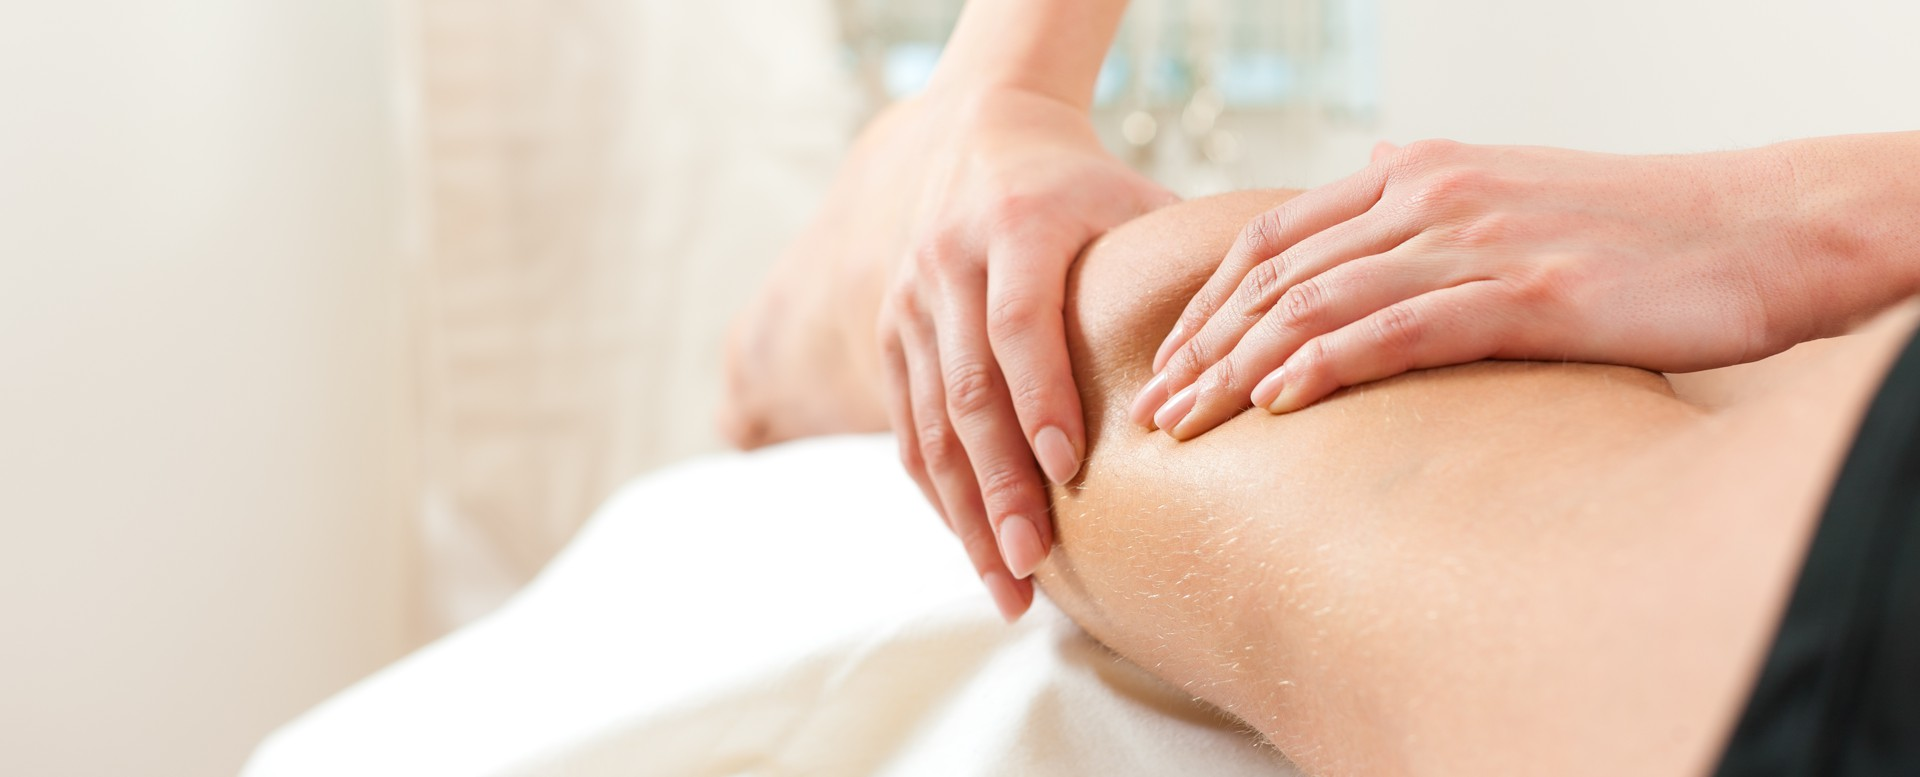 Regenerační lymfatické masáže v Plzni